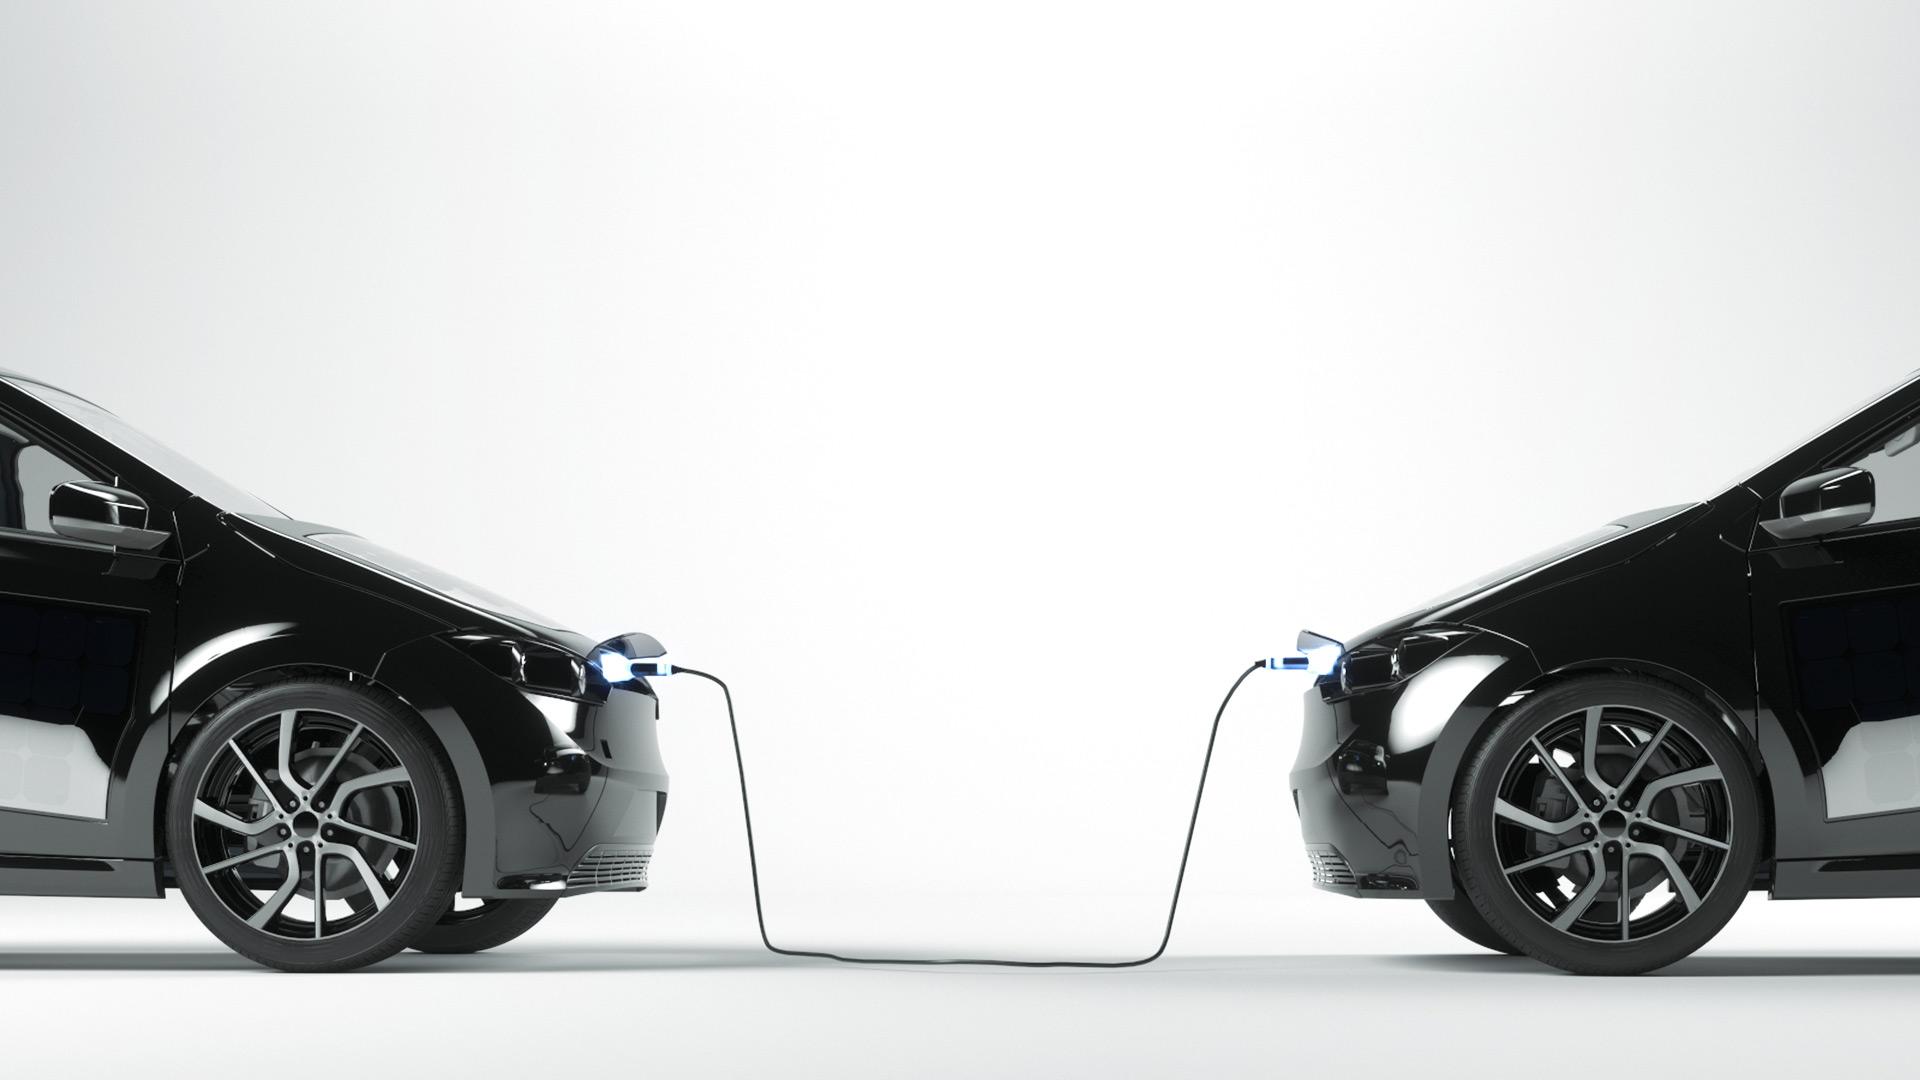 Das bidirektionale Laden beherrschen derzeit nur wenige Elektroautos